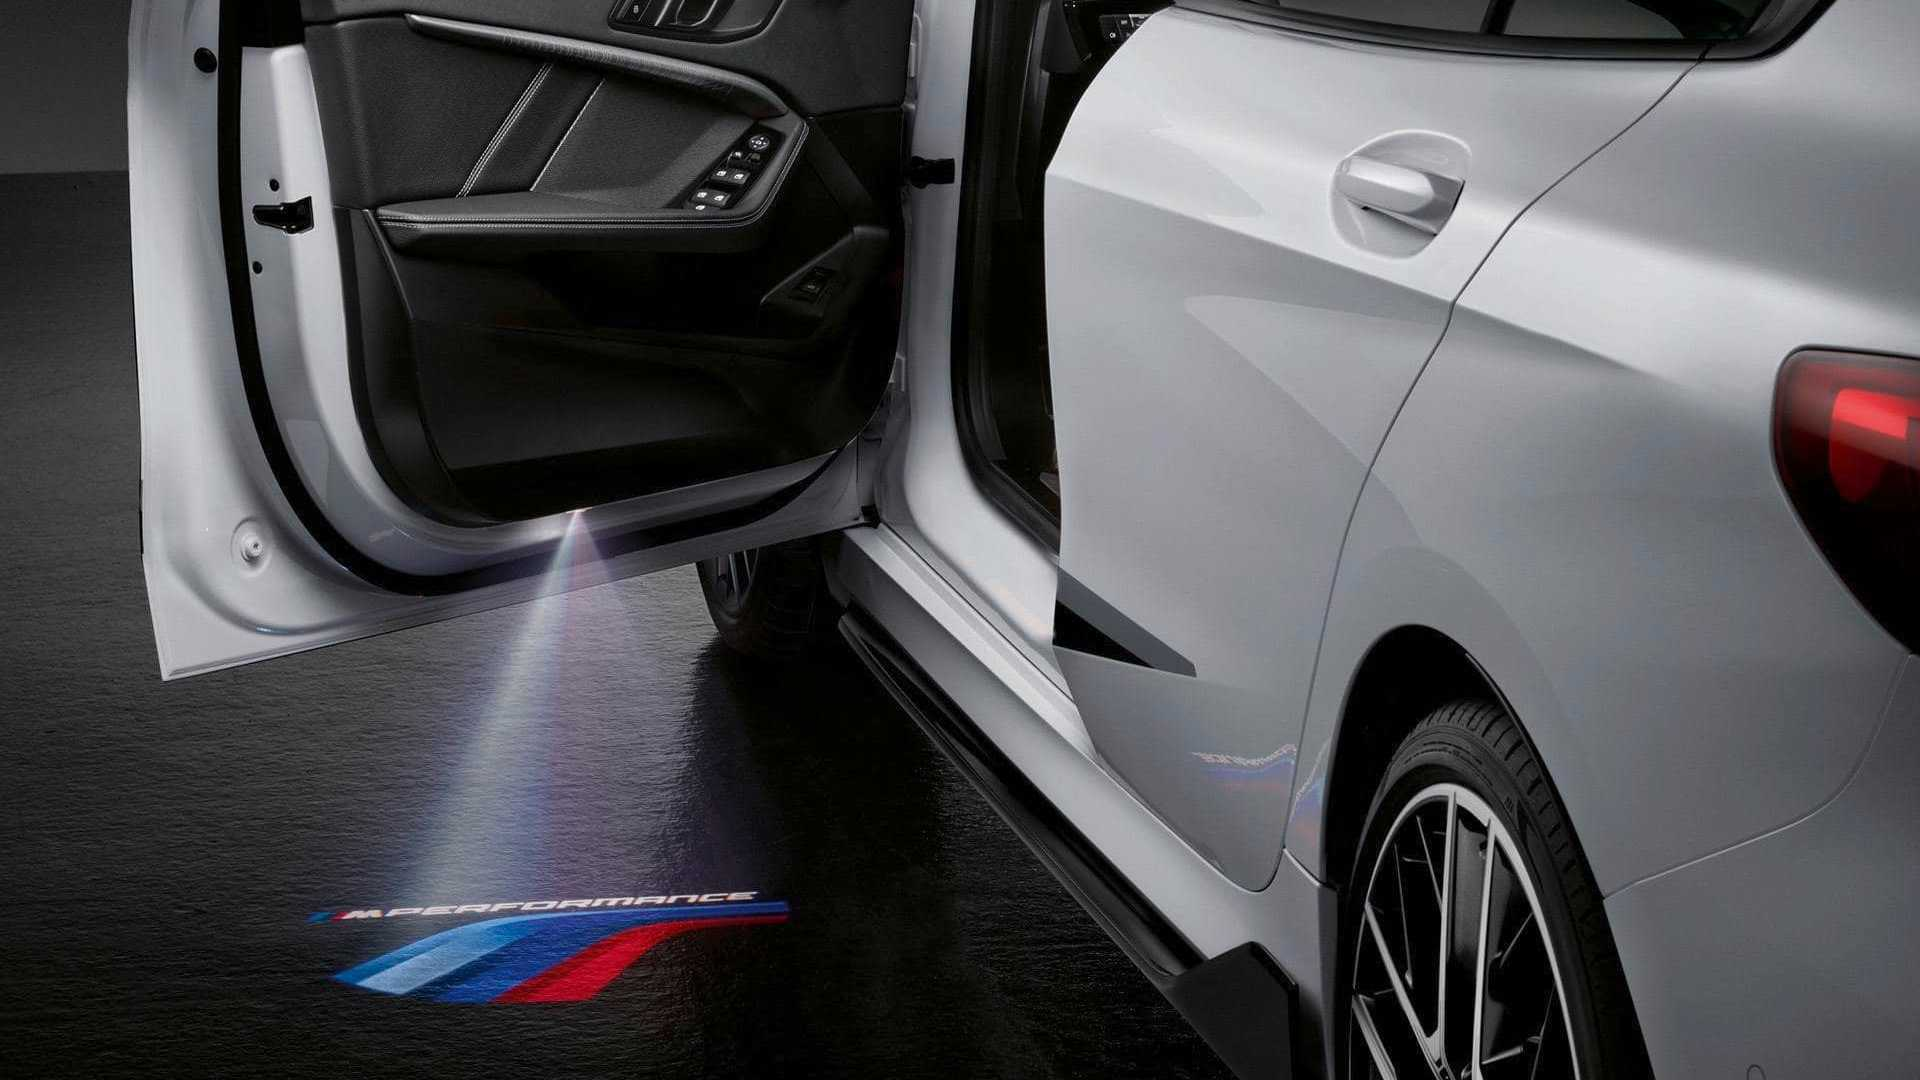 بي إم دبليو الفئة الثانية بحزمة قطع إم بيرفورمانس - BMW 2 Series M Performance Parts Package